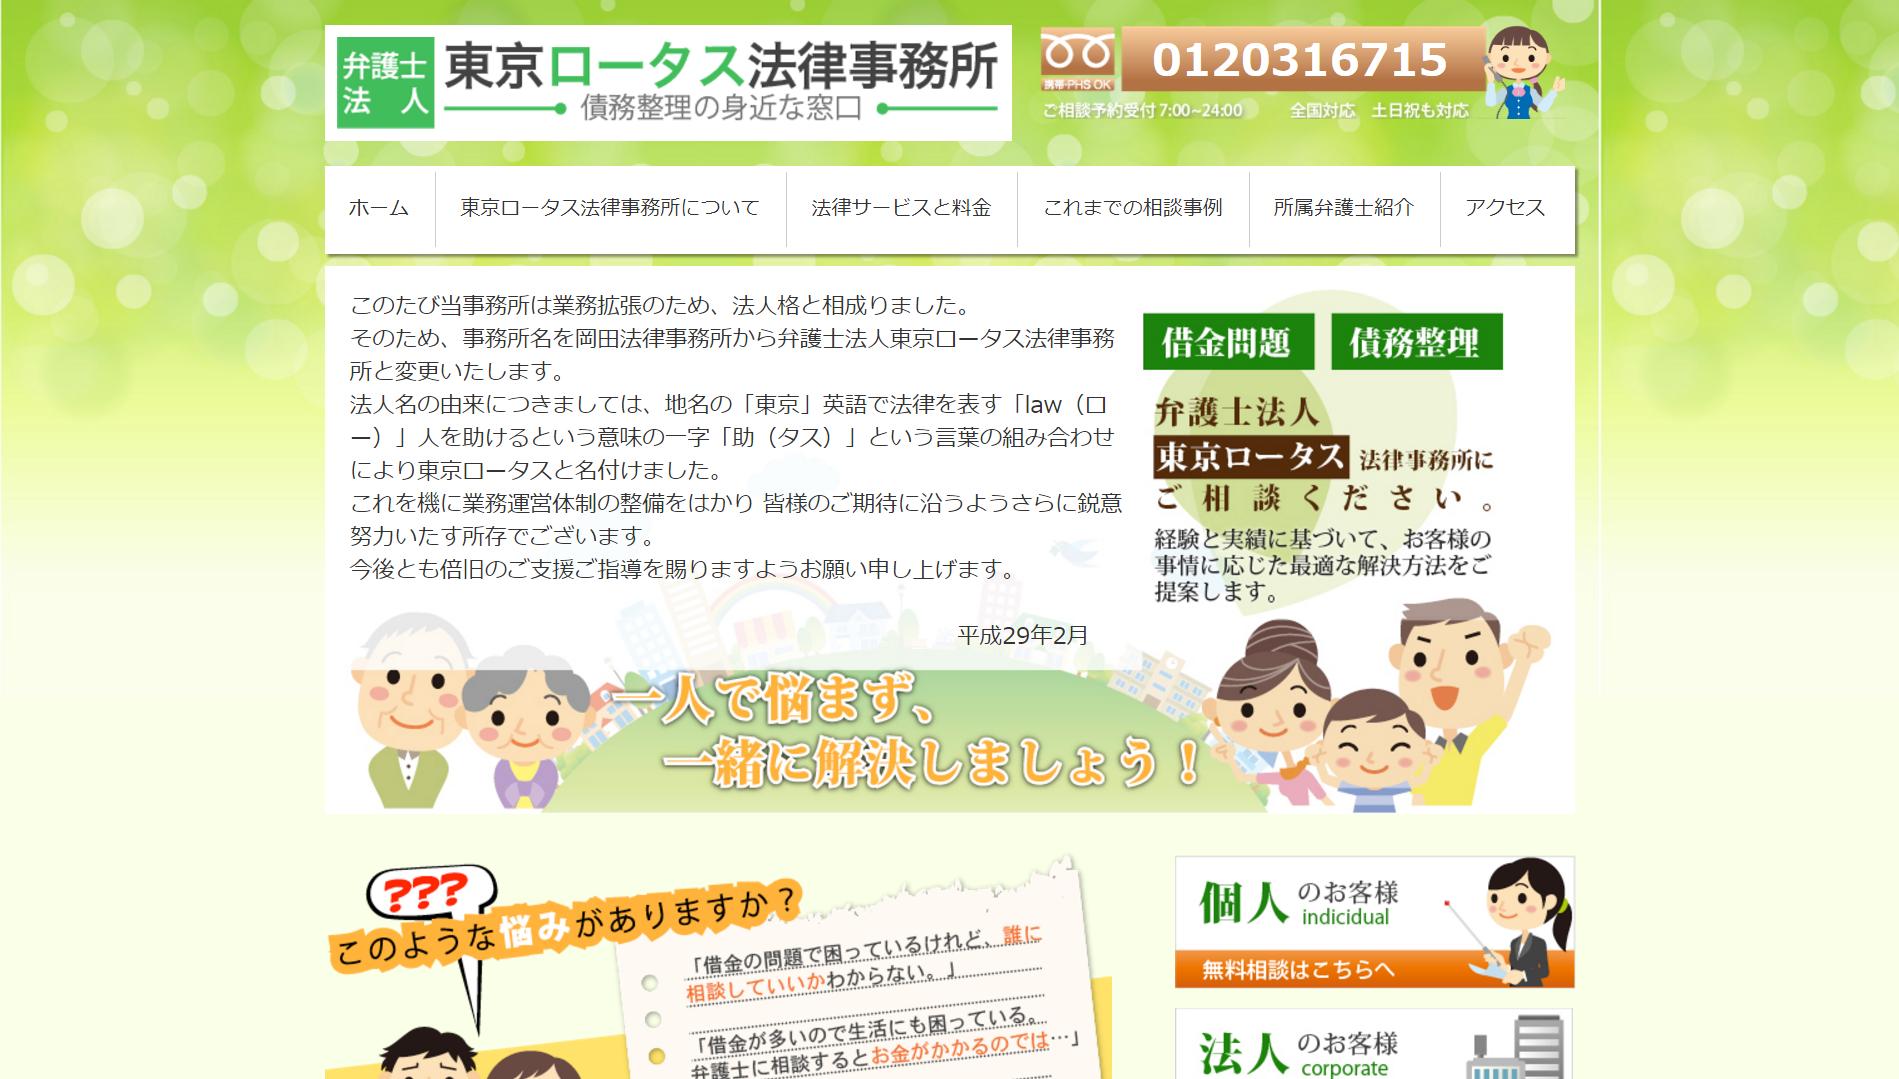 弁護士法人東京ロータス法律事務所(東京都台東区東上野)